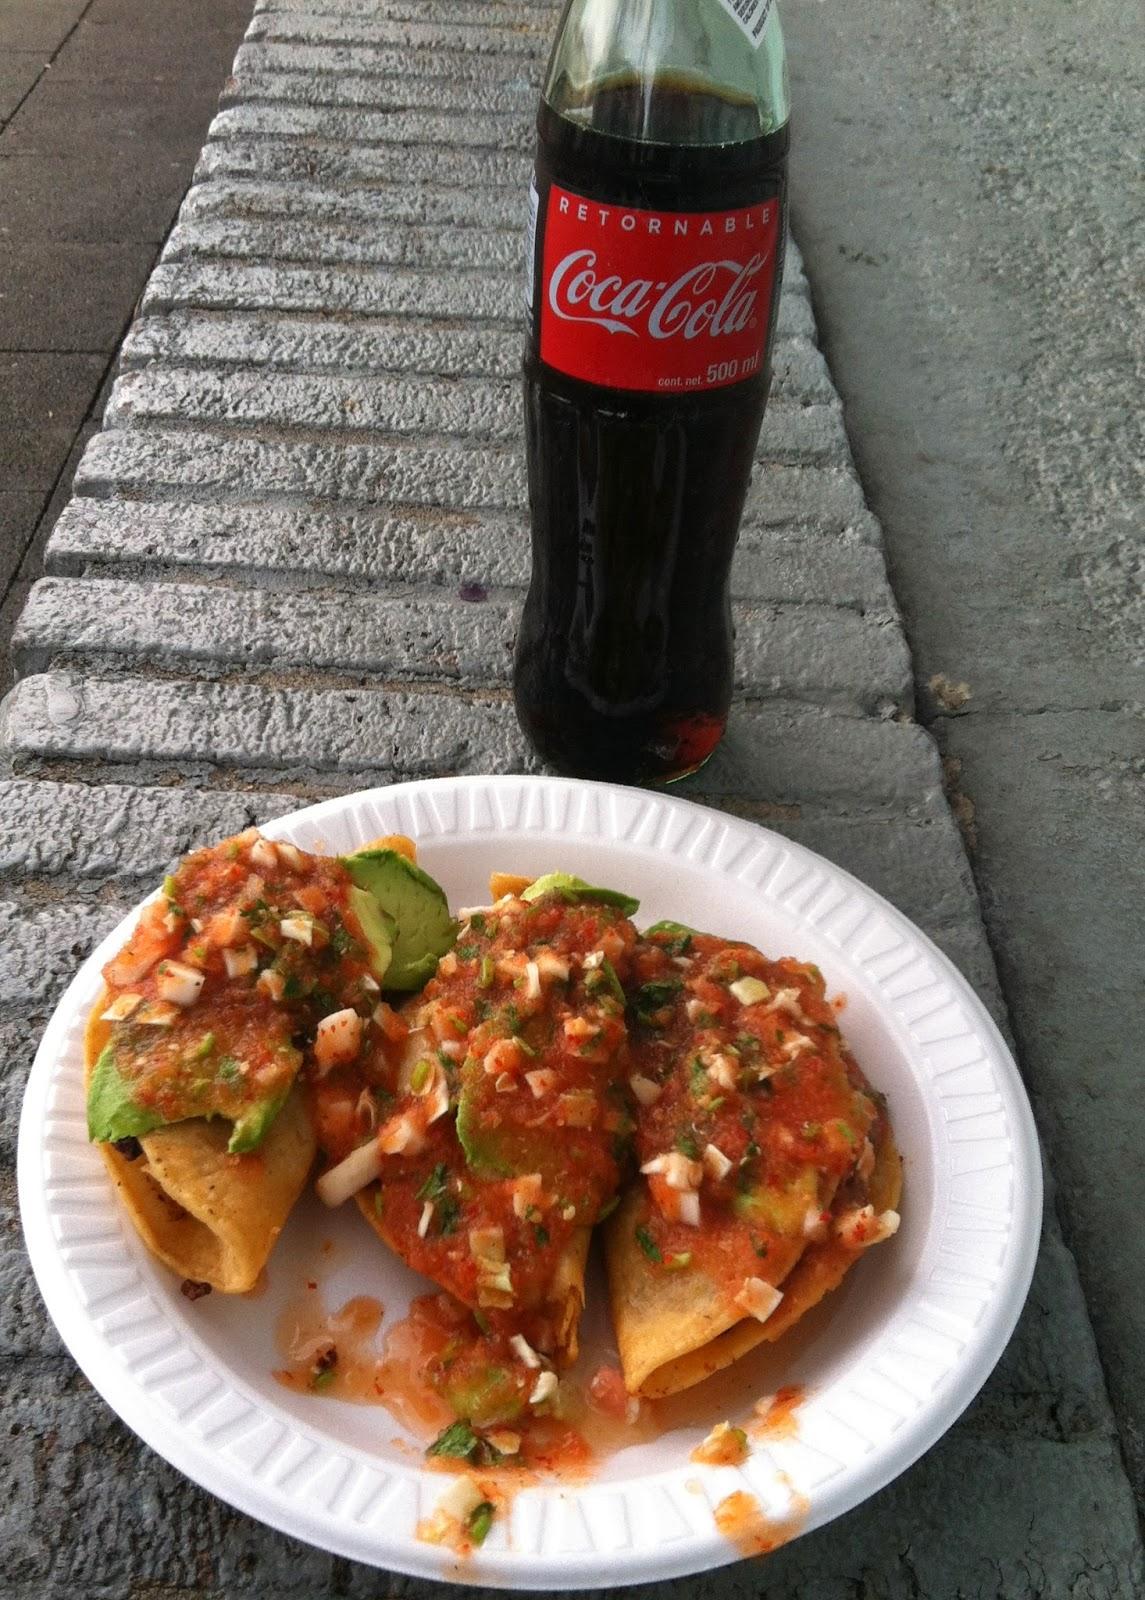 Mariscos Jalisco - A Shrimp Taco Truck